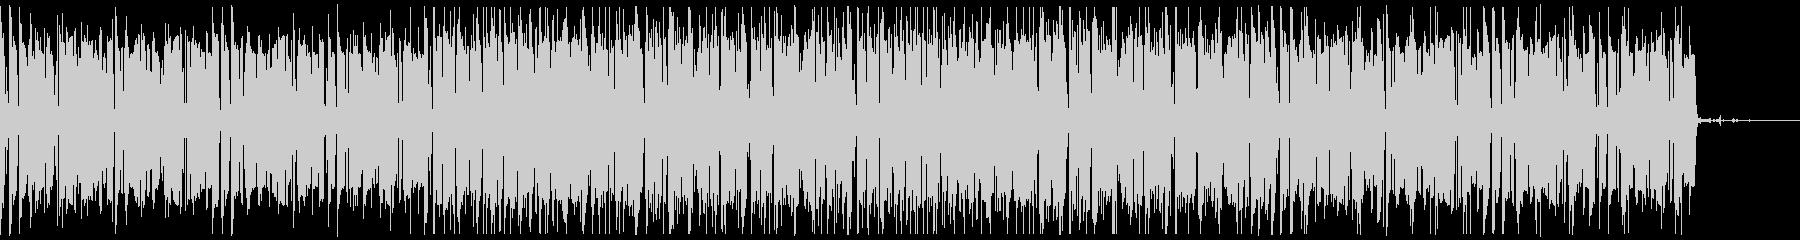 ベースとパーカッションの怪しいBGMの未再生の波形